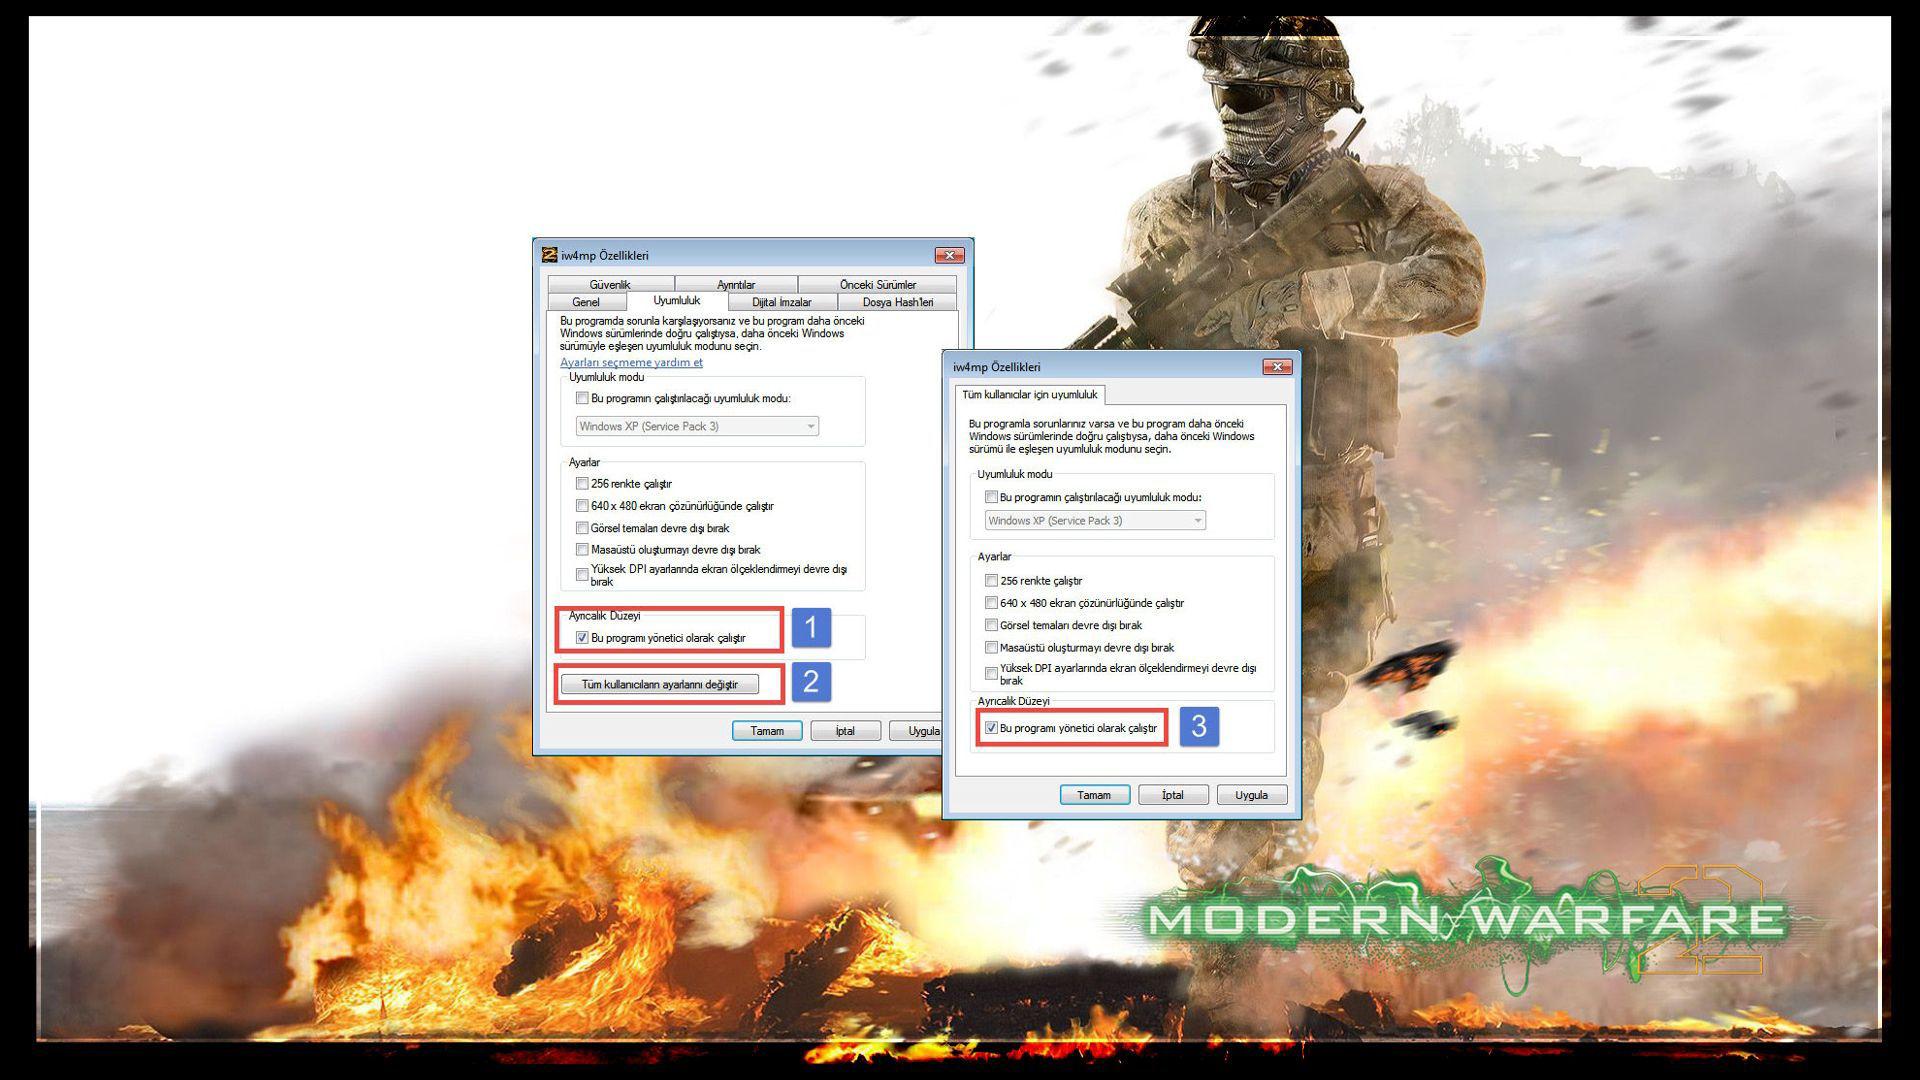 Modern Warfare 2 iw4mp.exe Çalışmayı Durdurdu Hatası